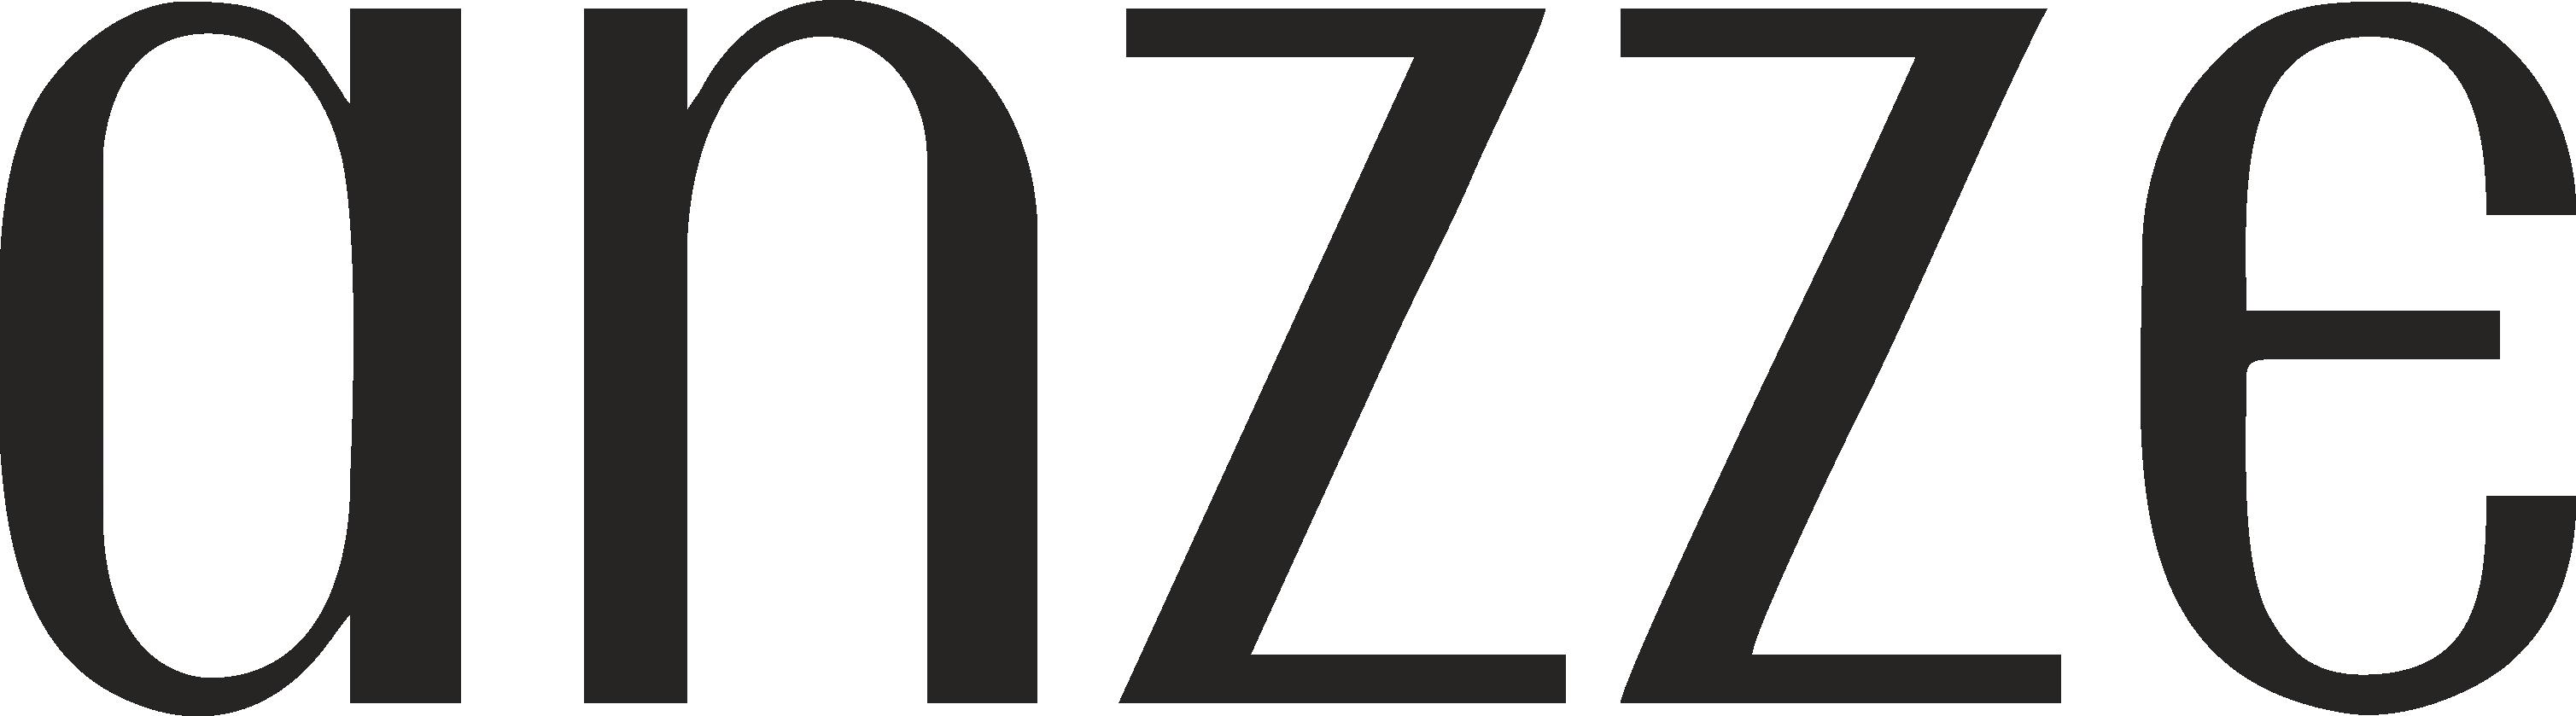 6cfa4af233 Anzze se fundó en Octubre de 2016 y se lanzó al mercado el 11 de febrero de  2017